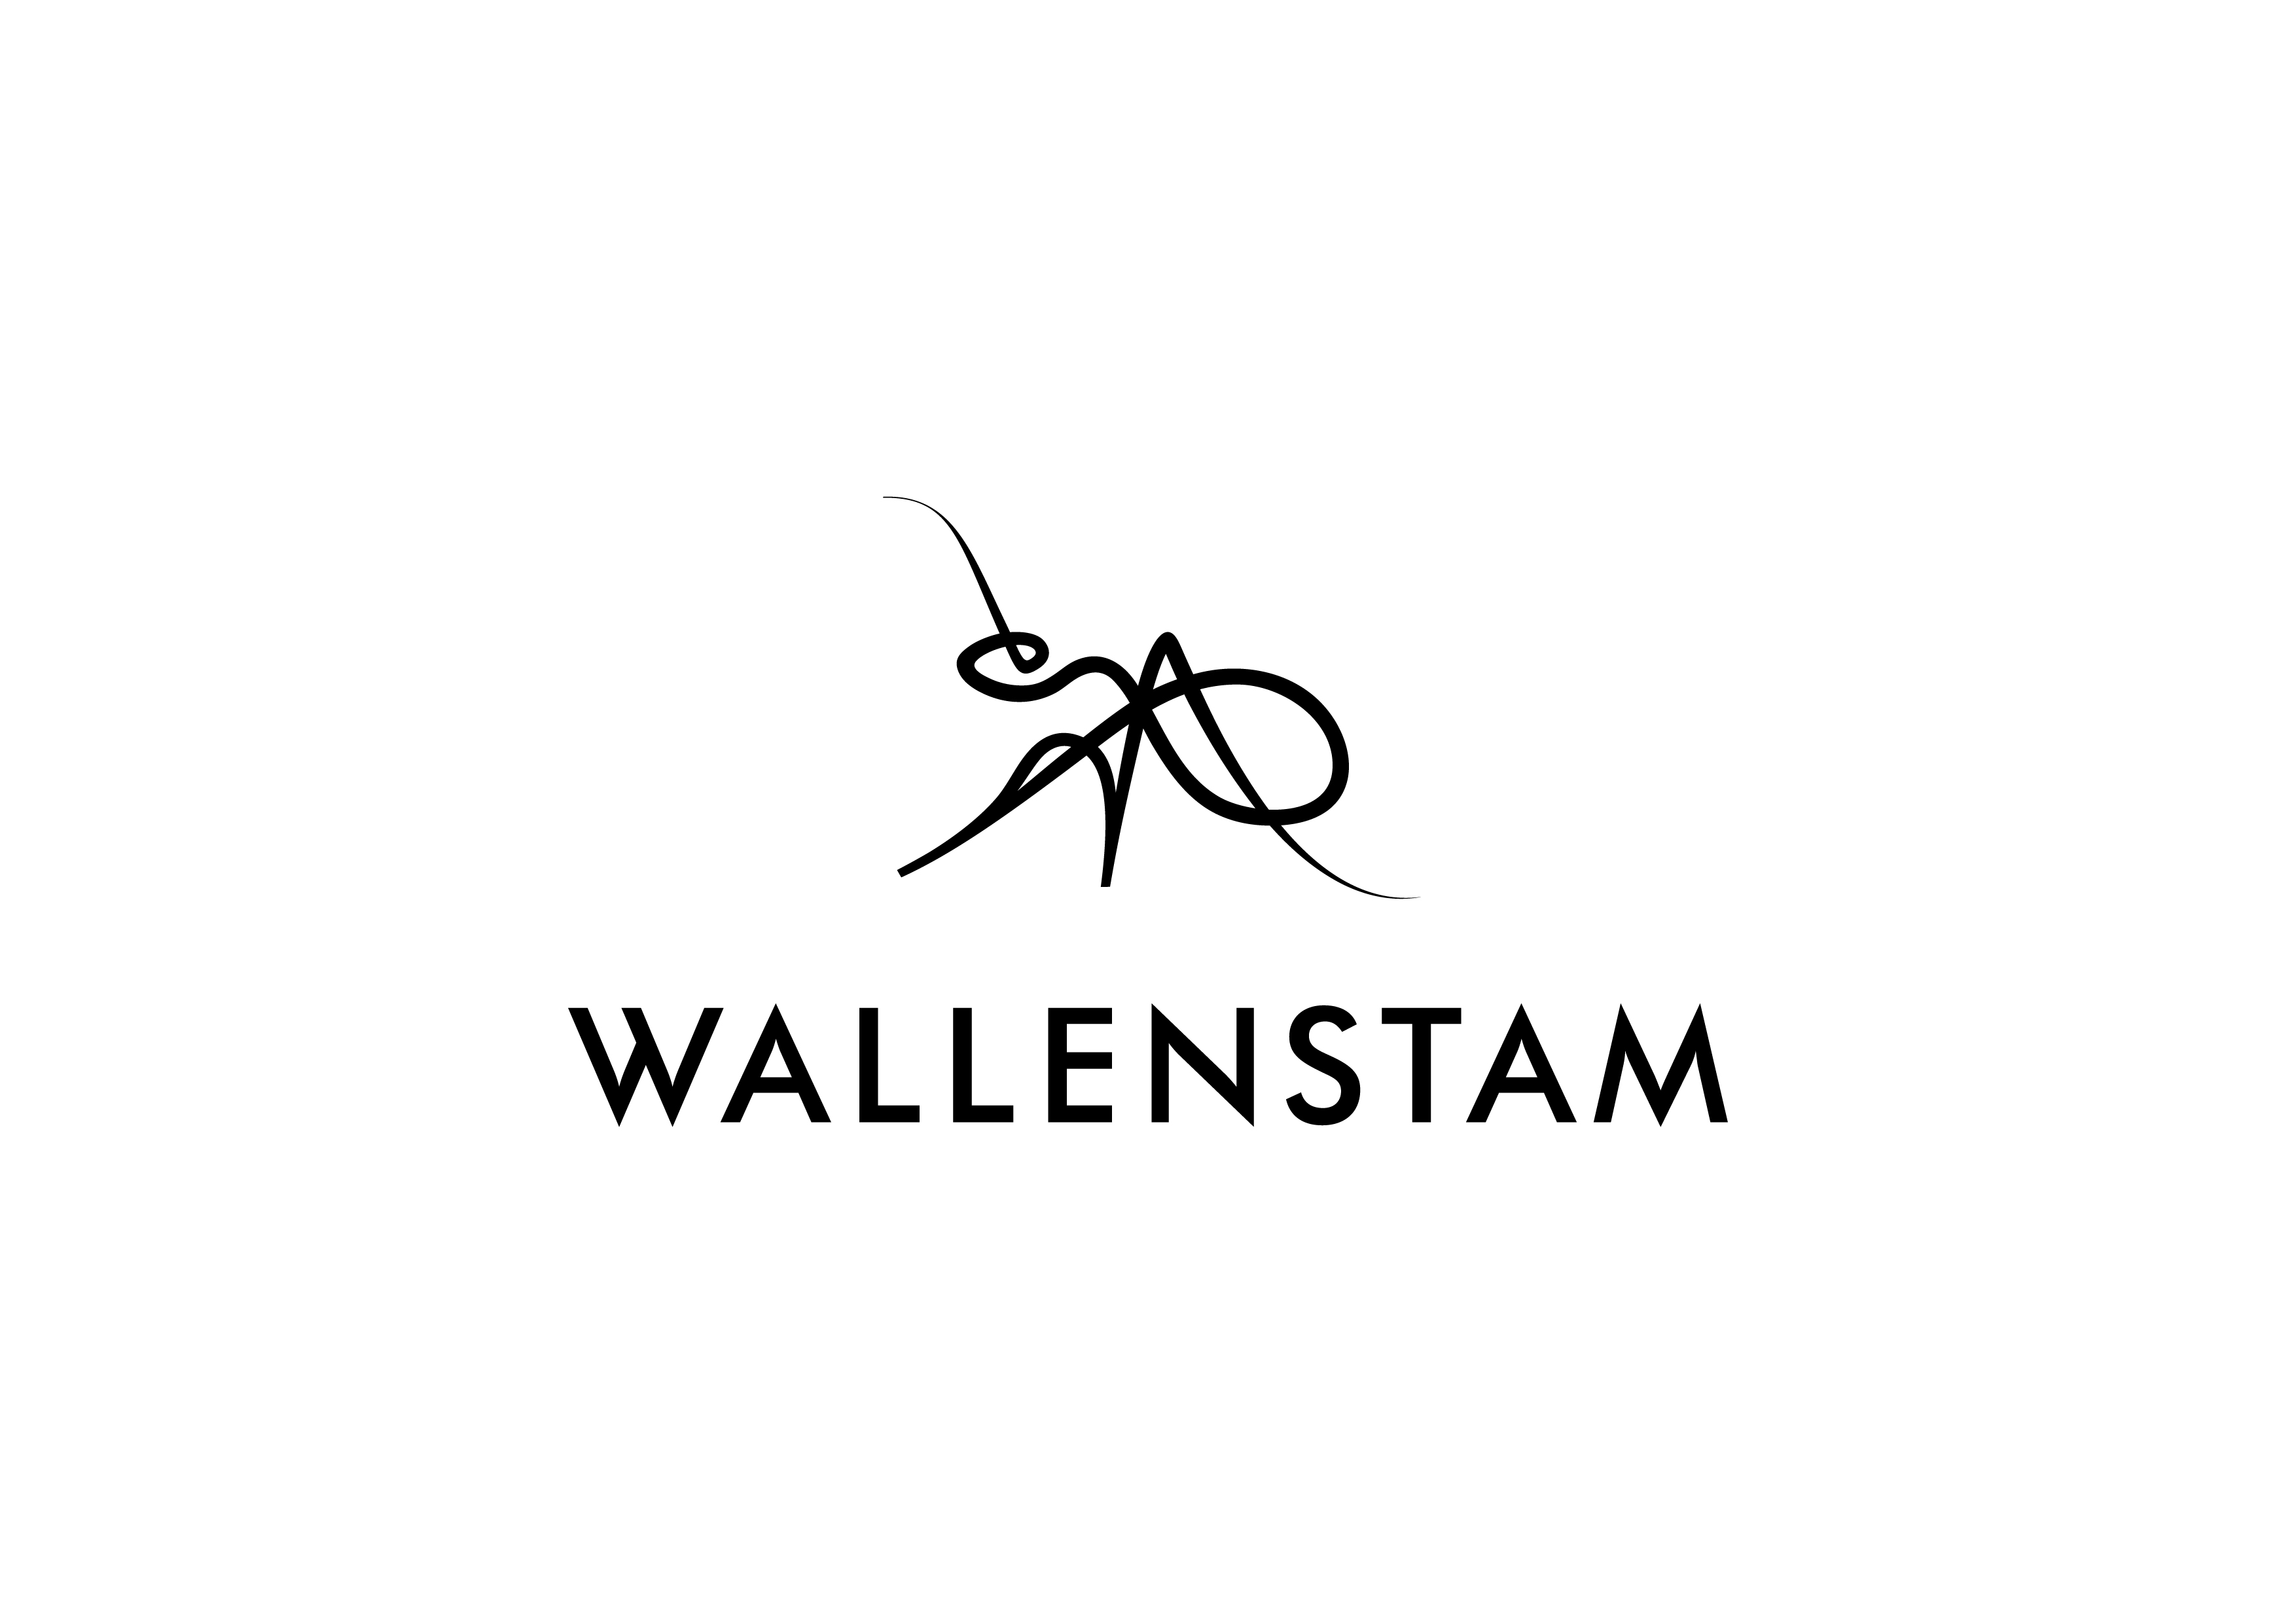 Wallnstam